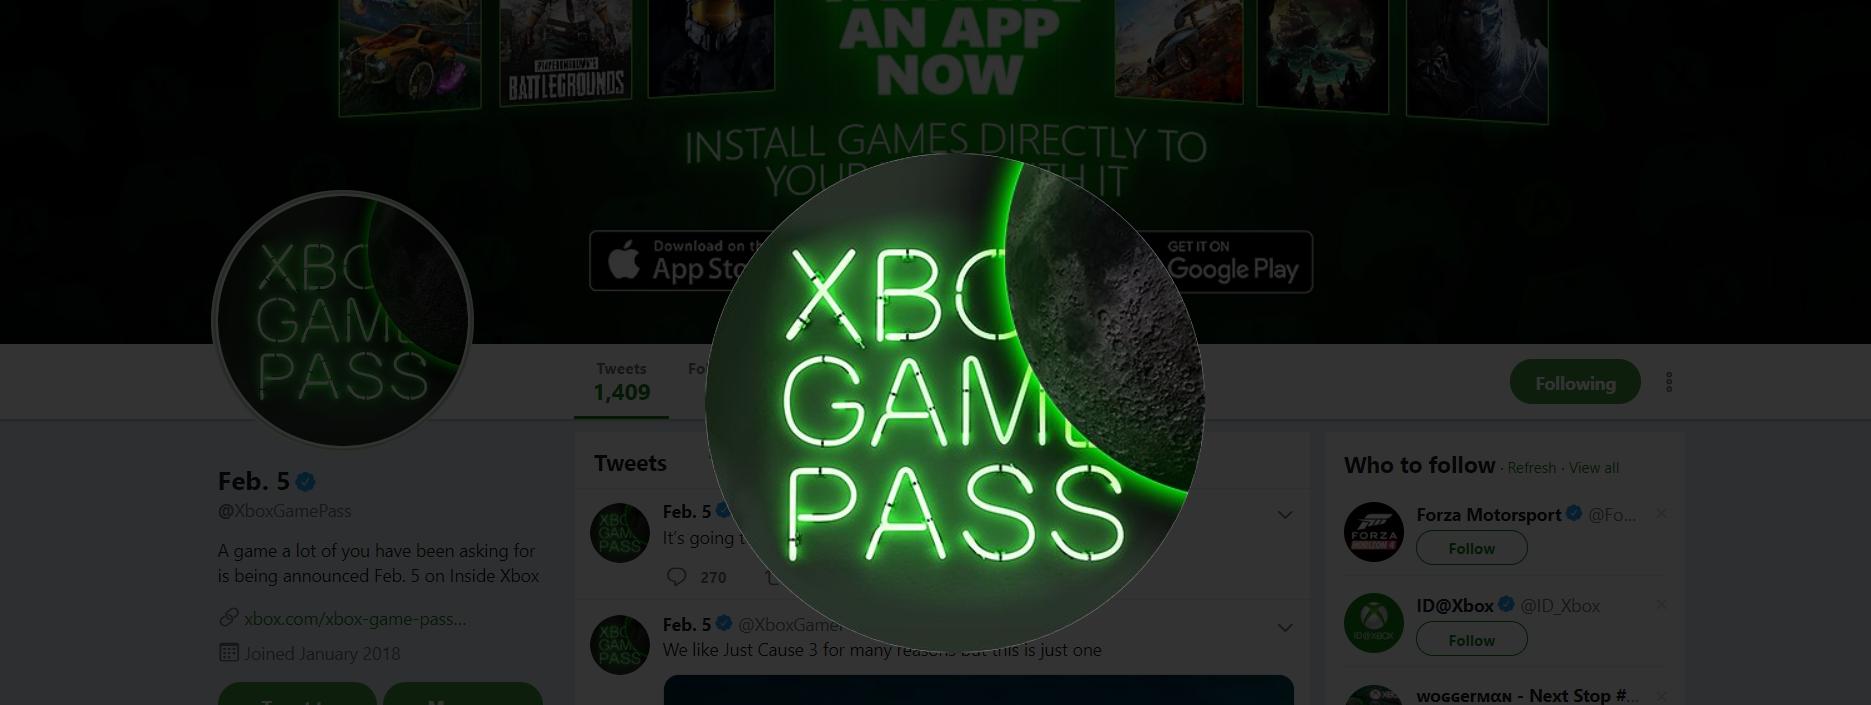 Το παιχνίδι που όλοι ζητούσαν έρχεται στο XBOX Game Pass!